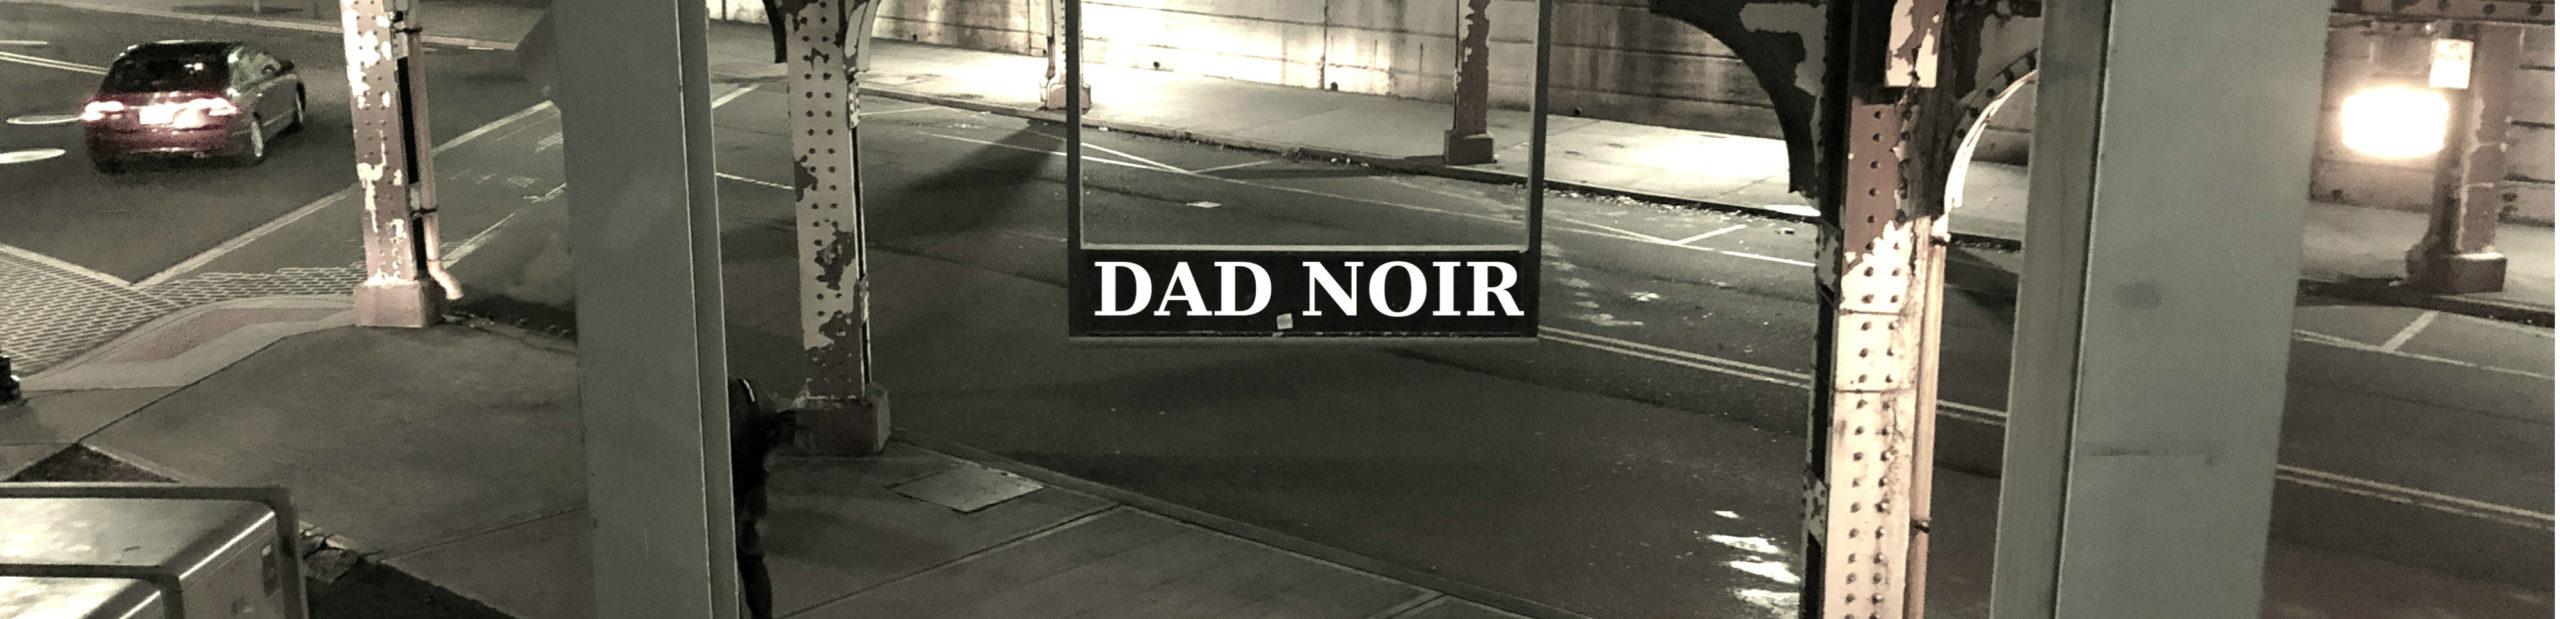 dad noir